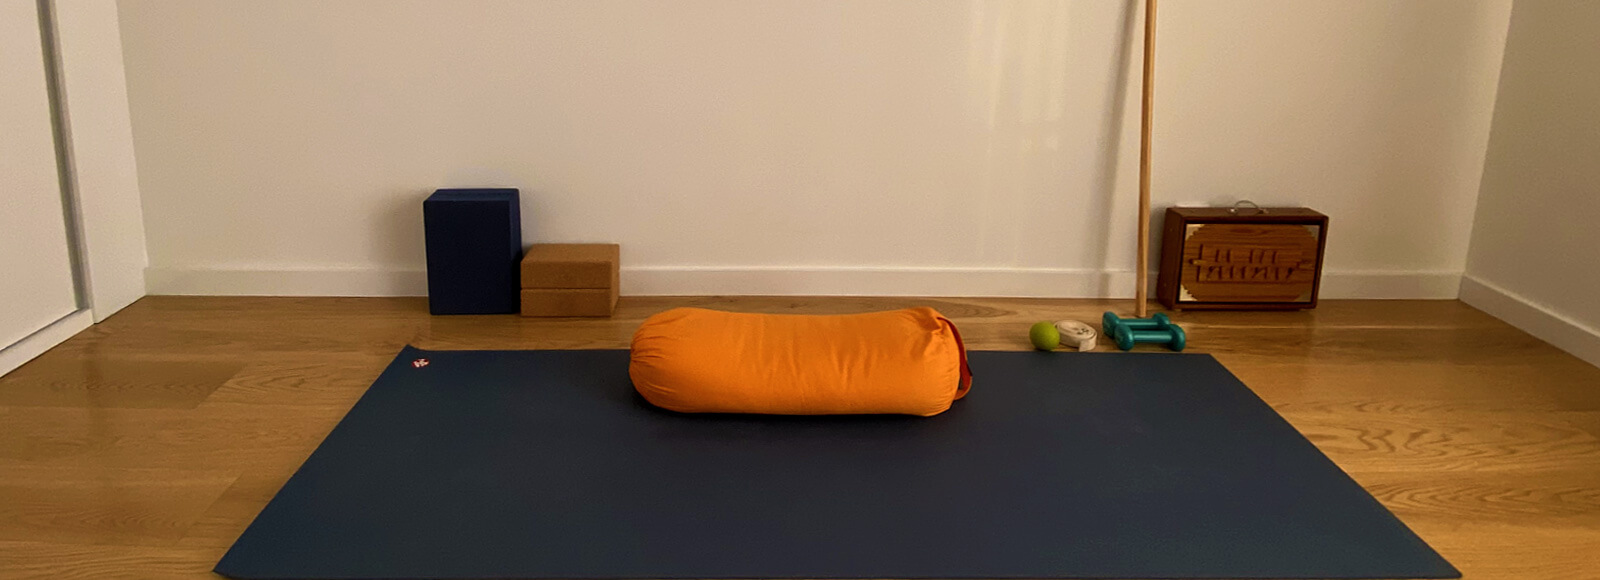 Aulas e Horários- Yogamandir